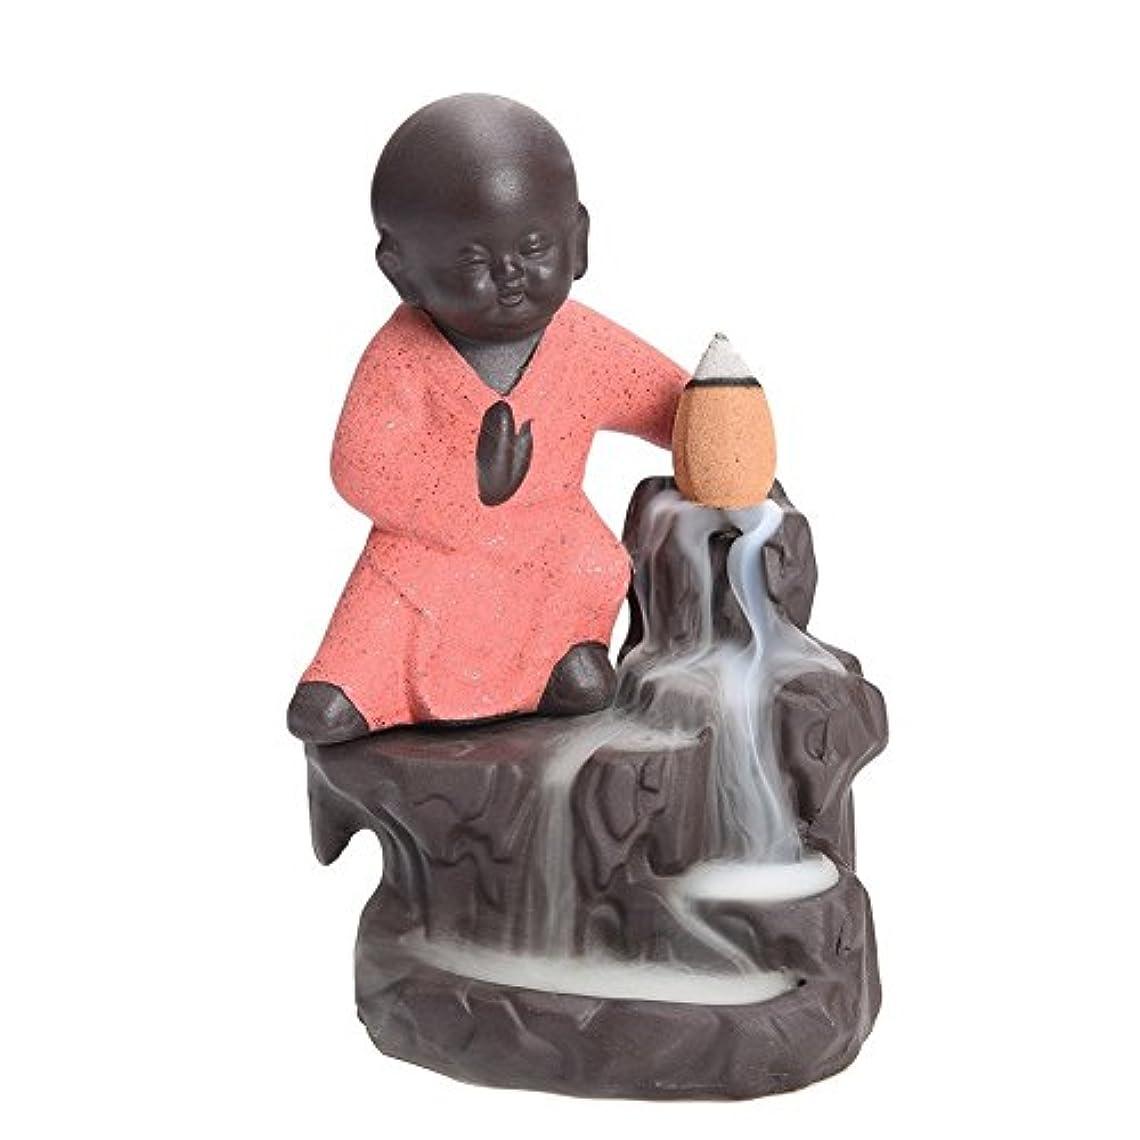 哲学リストペレグリネーション逆流香炉タワーCones Sticks Little Monkホルダーセラミック磁器Buddha Monk AshキャッチャーbySimon & # xff08 ;ピンク& # xff09 ;